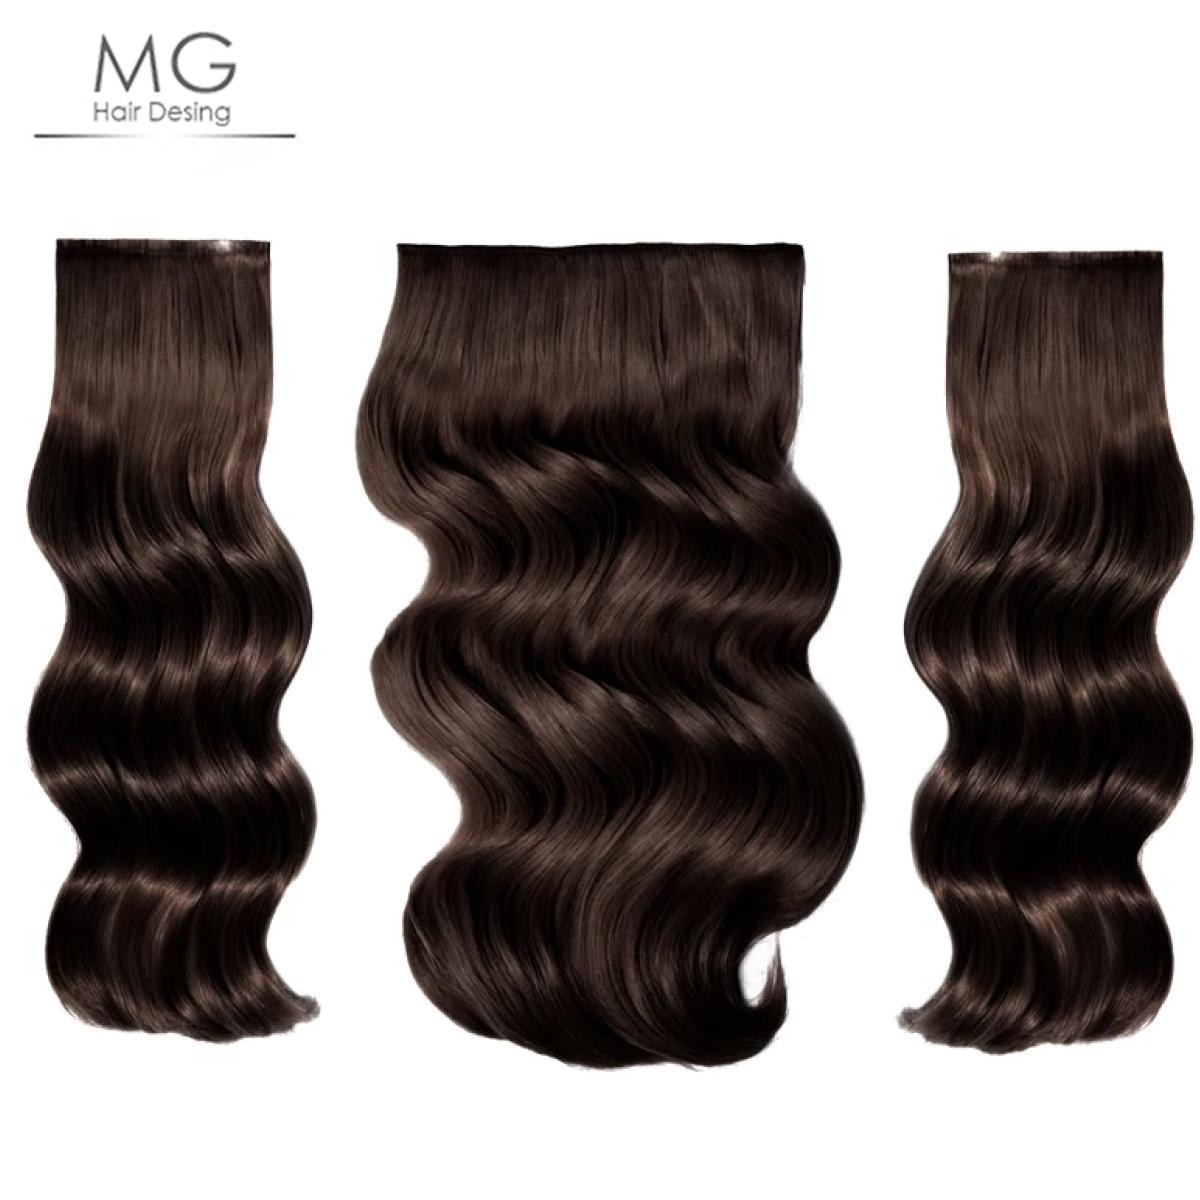 65cm160gr Yarim Ay Postis 3 Parca Dogal Koyu Kahve M G Hair Desing